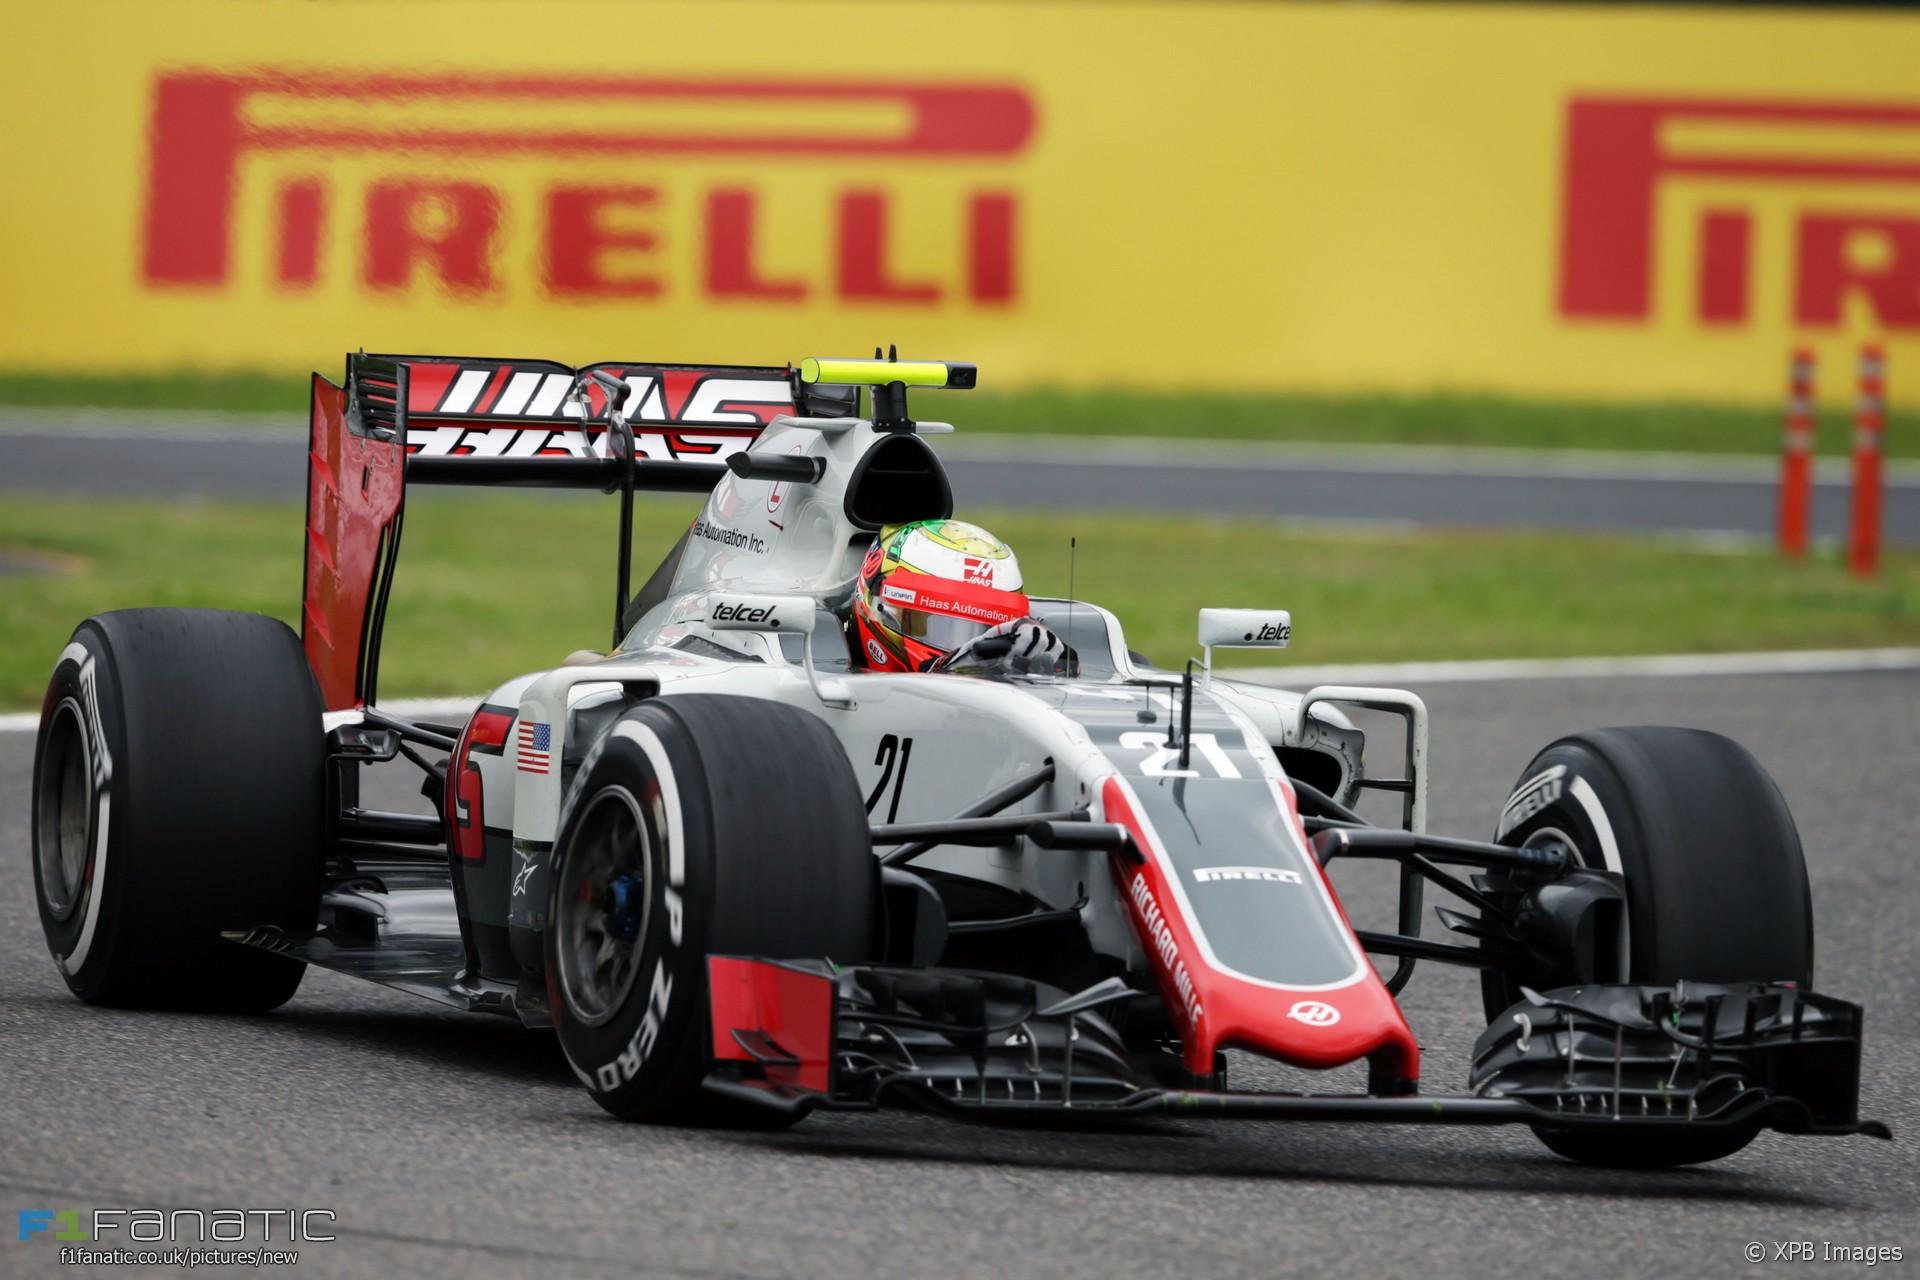 Esteban Gutierrez, Haas, Suzuka, 2016